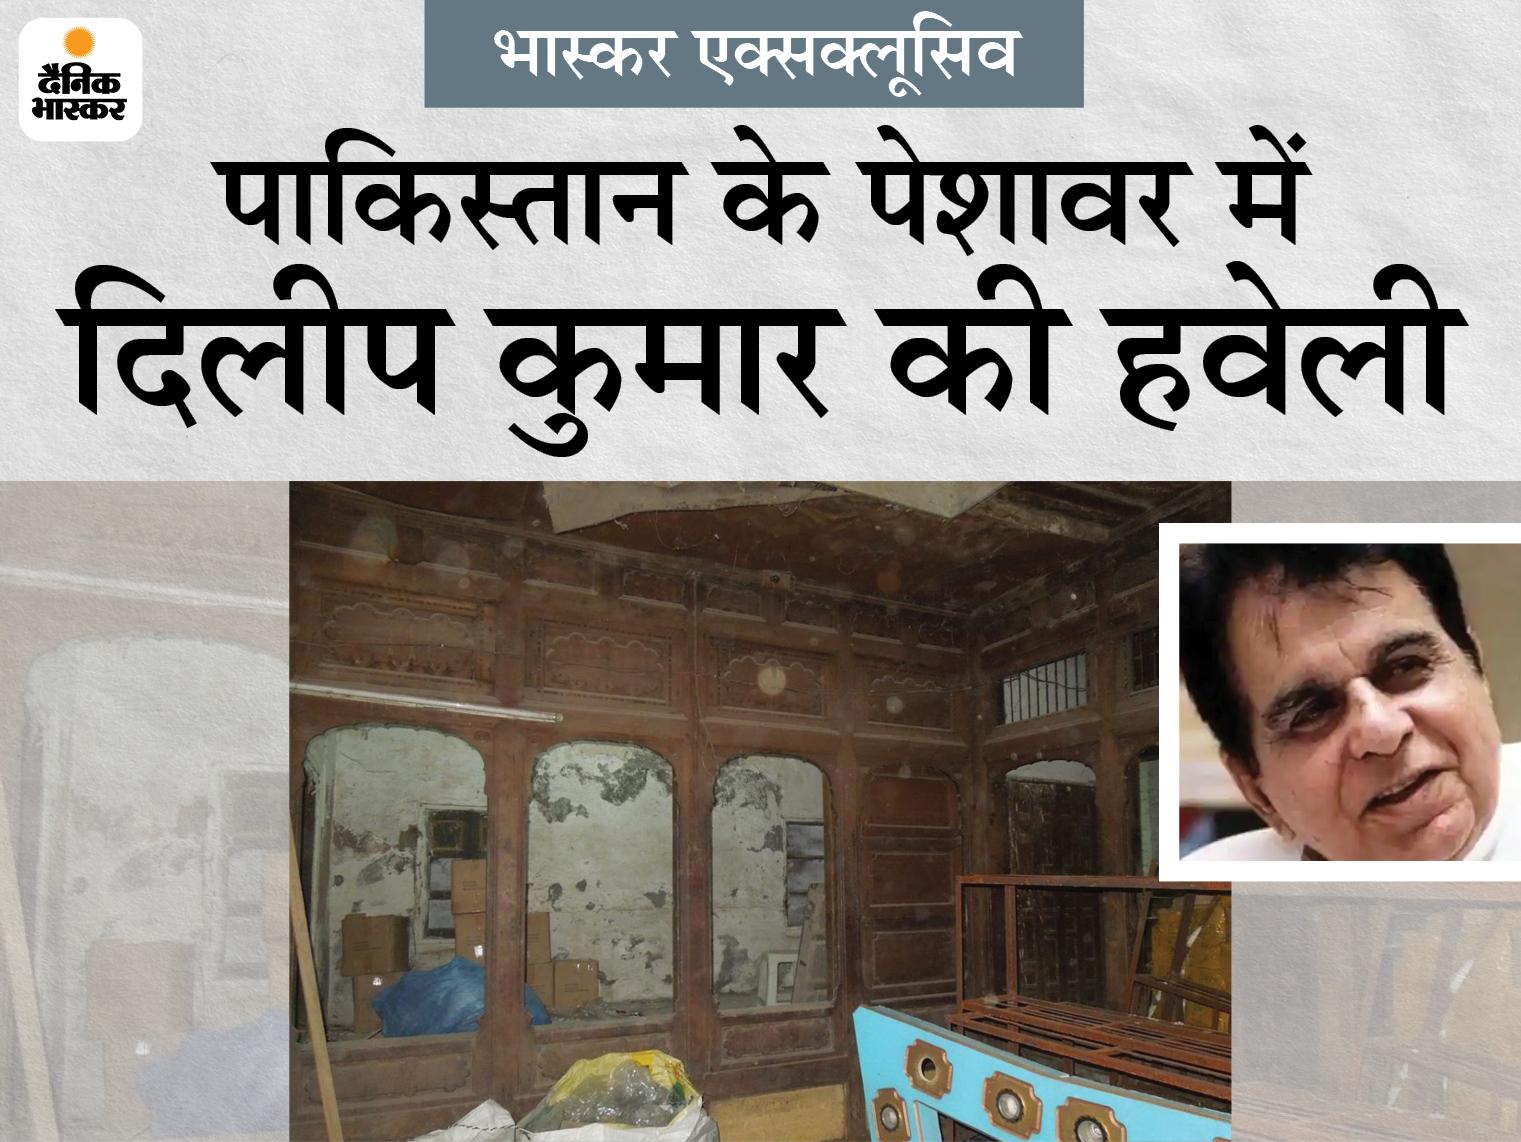 न दिलीप साहब आबाई पेशावर को भूले, न पेशावर उन्हें; इंतकाल की खबर के बाद लोग उनकी हवेली देखने आने लगे|देश,National - Dainik Bhaskar